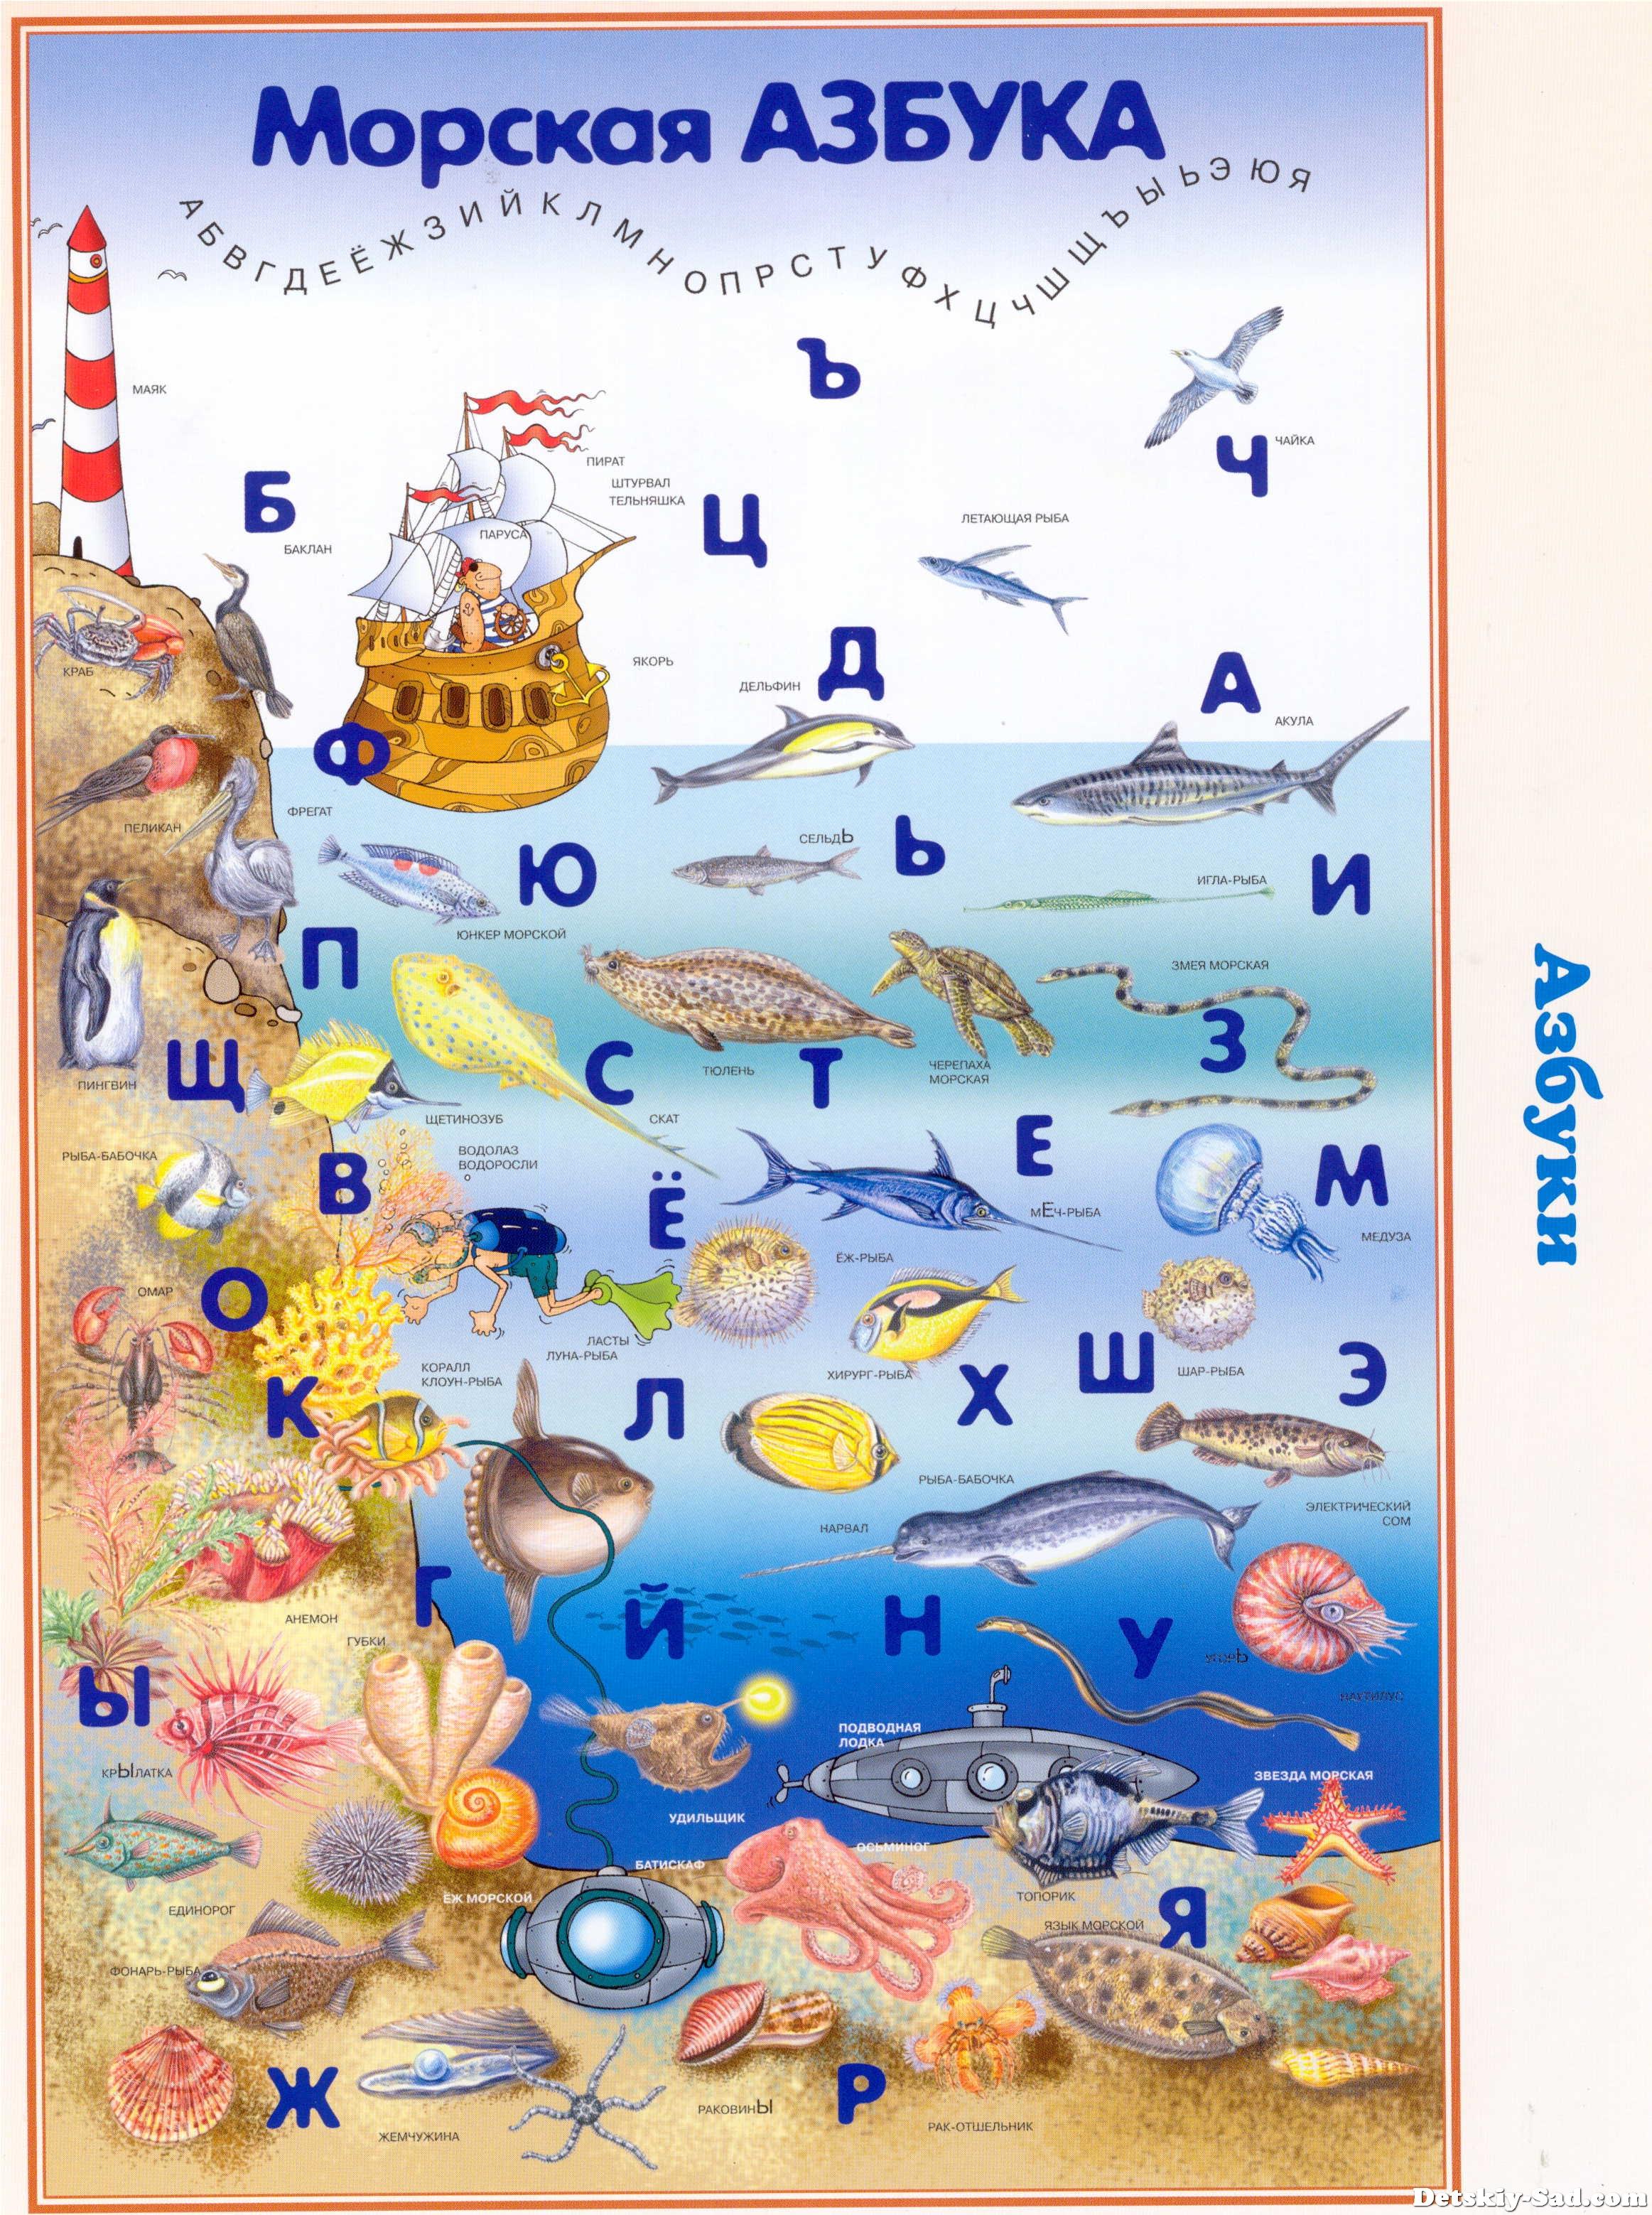 названия на морскую тему